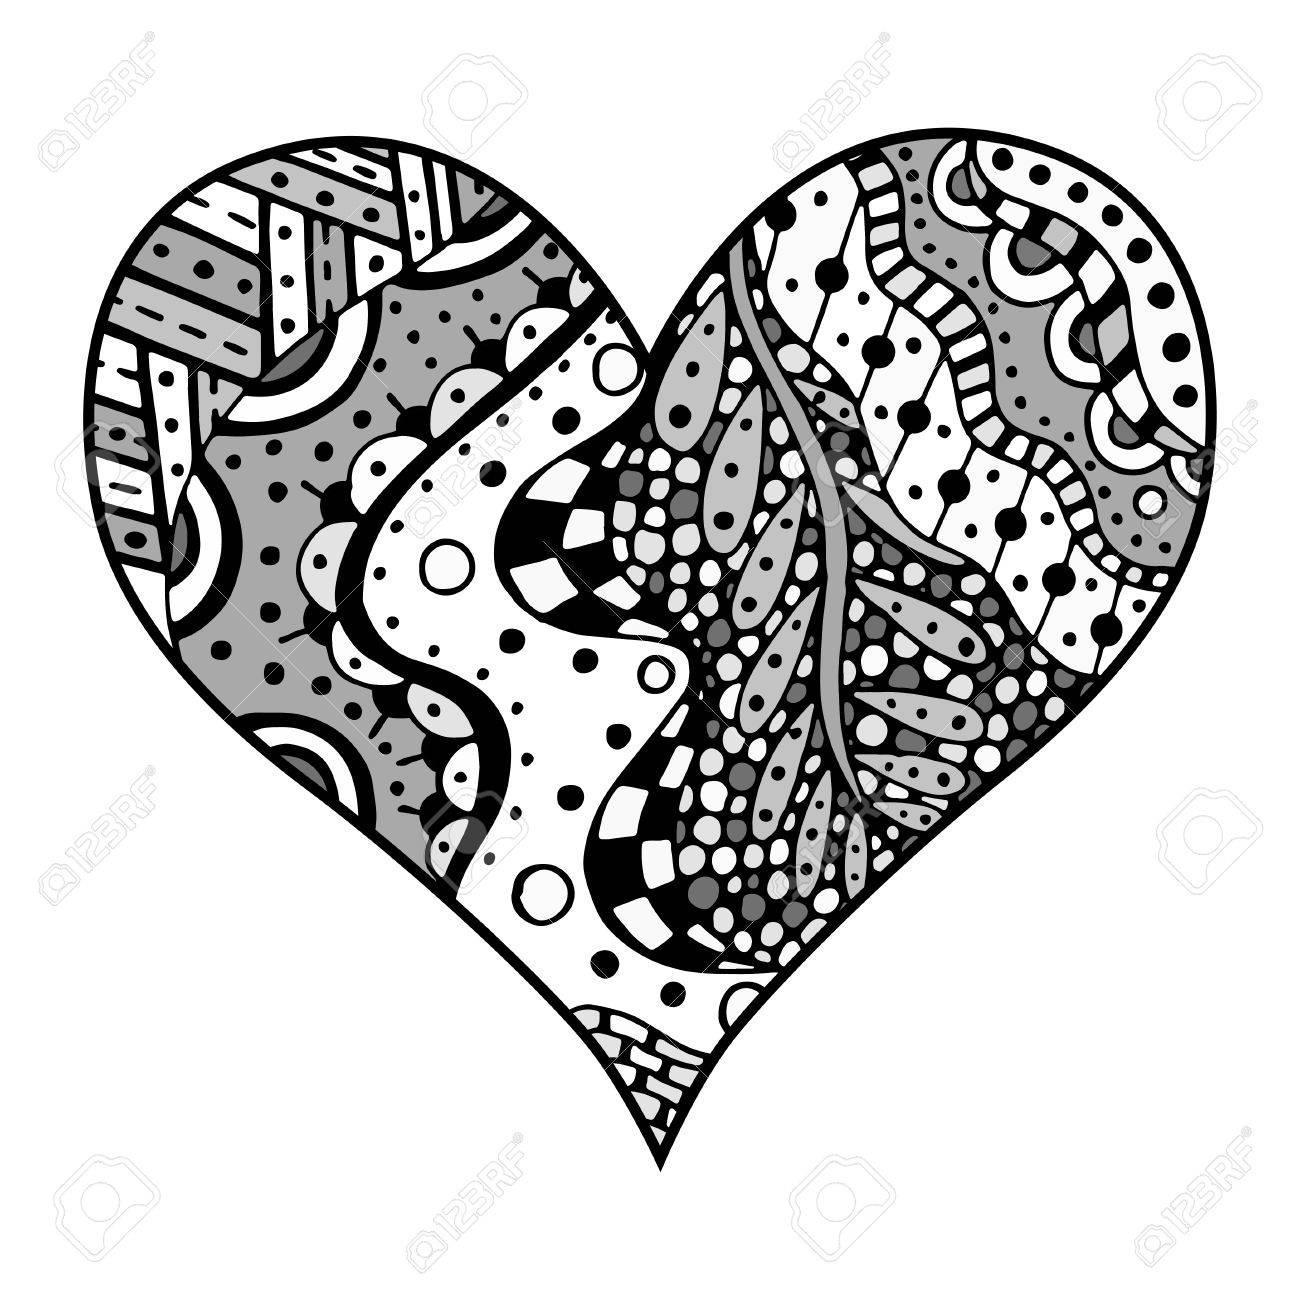 Coloriage Coeur Motif.Jeu De Main Dessine Coeur Gris De Style De Zentangle Motif Pour Livre De Coloriage Coloriage Pour Les Anti Stress Adulte Fabrique Par La Trace De